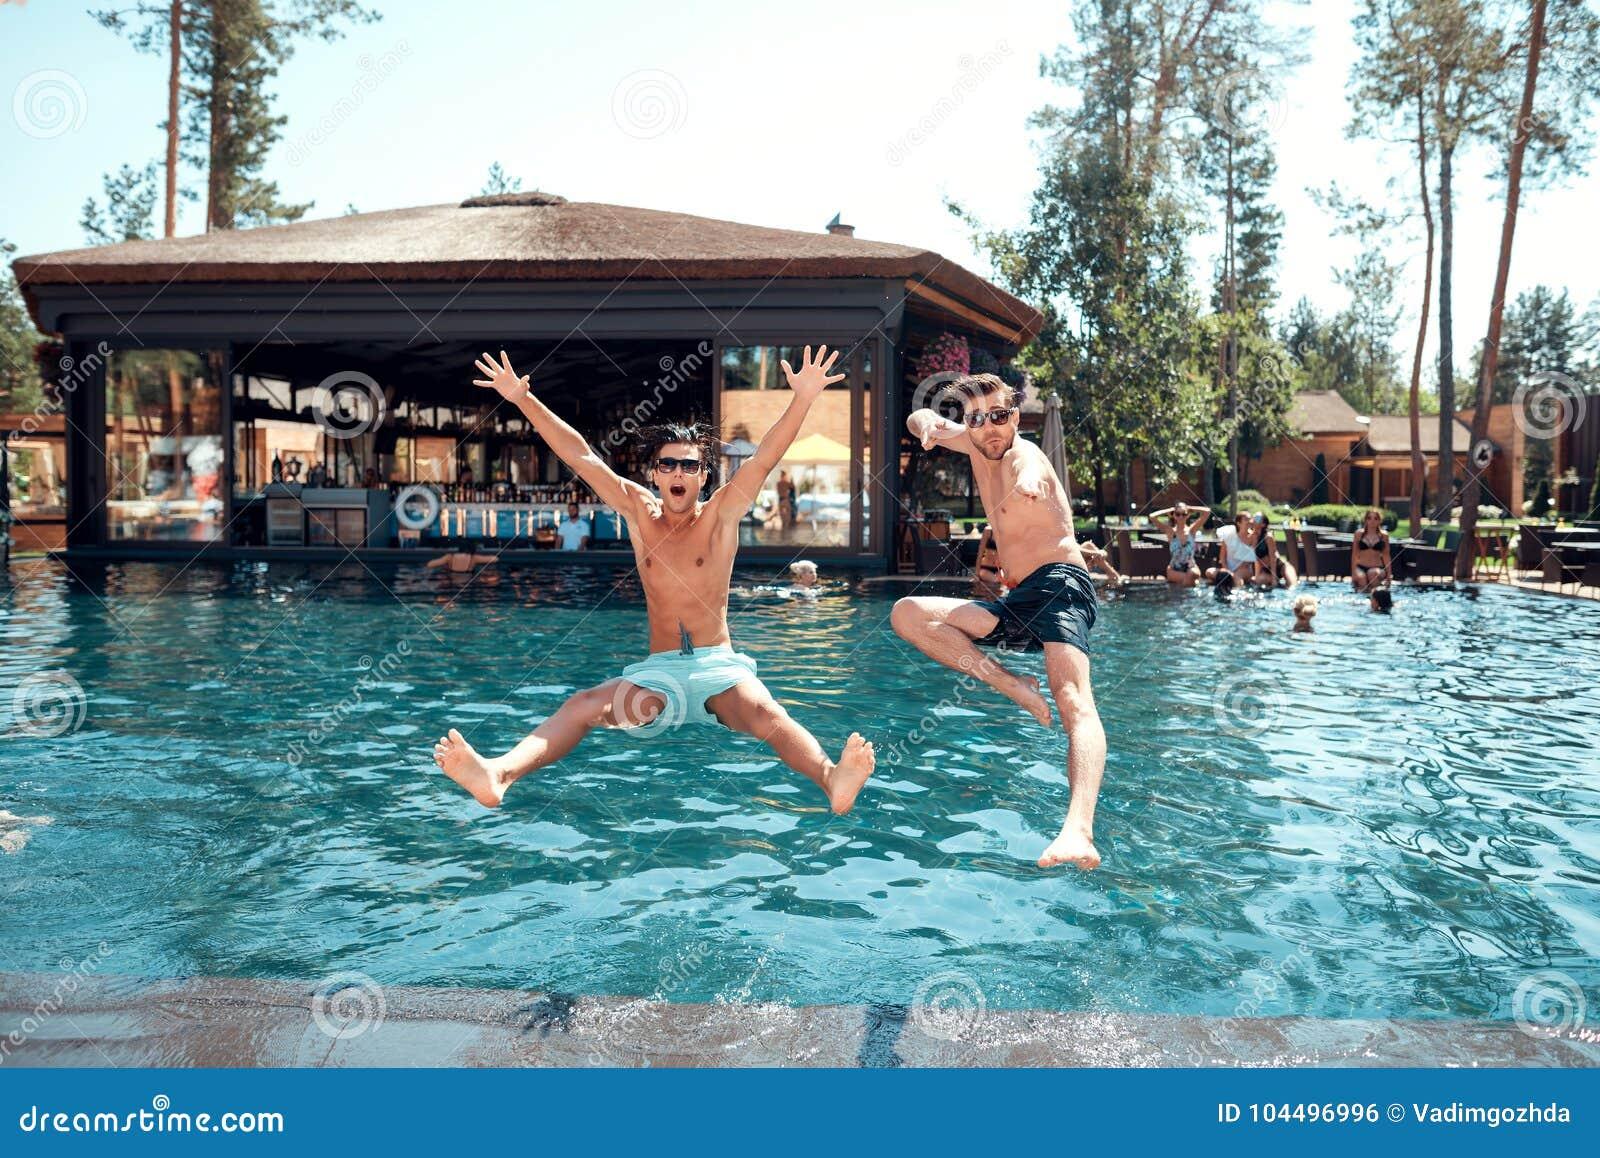 年轻人和女孩跳进水池